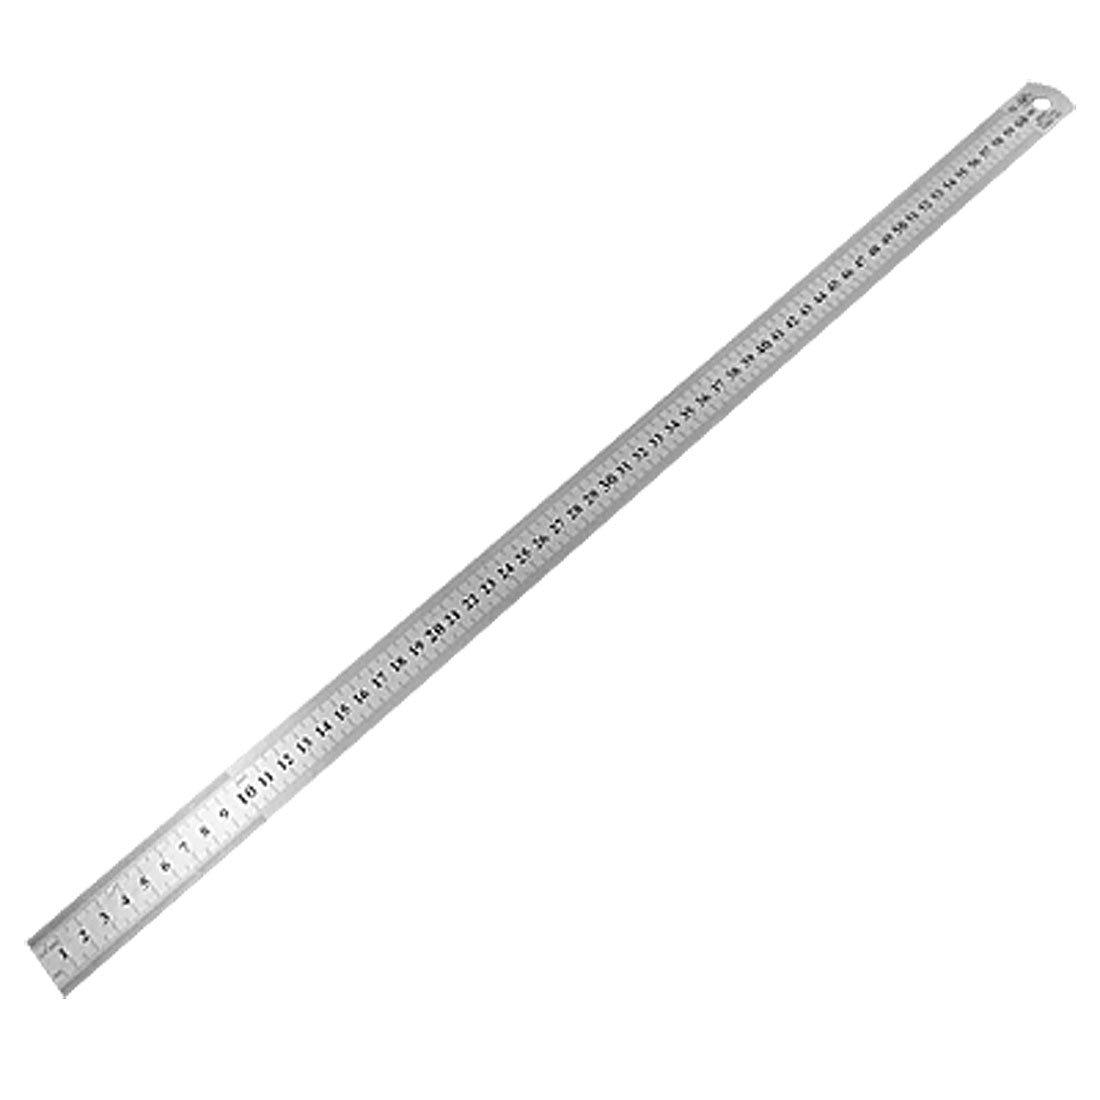 SOSW-60cm Stainless Metal Measuring Straight Ruler